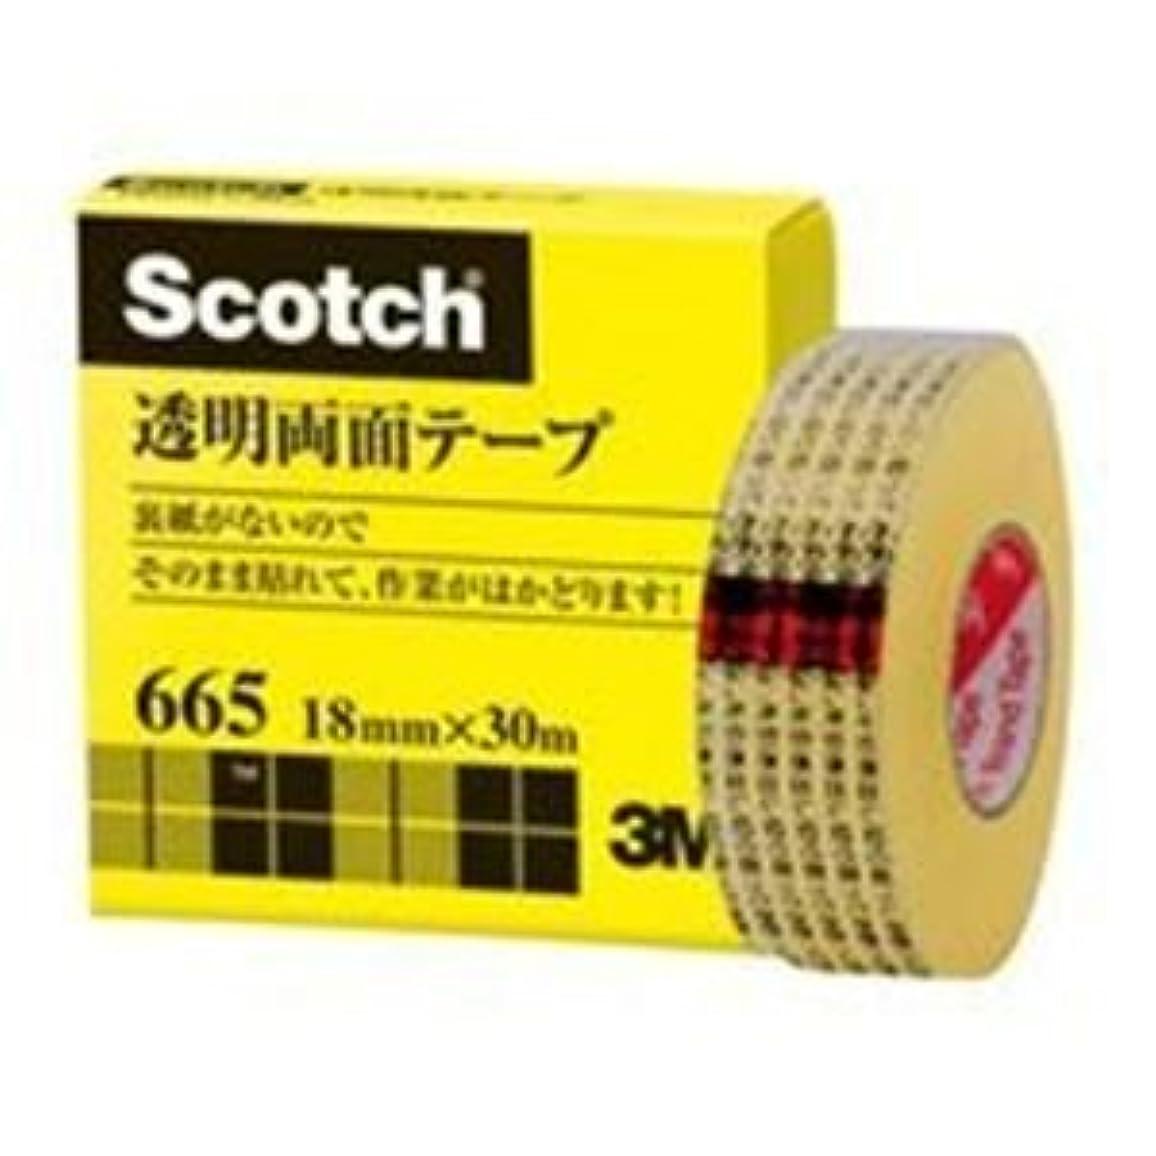 判定シンボル筋肉の(業務用2セット)スリーエム 3M 透明両面テープ 665-1-18 18mm×30m